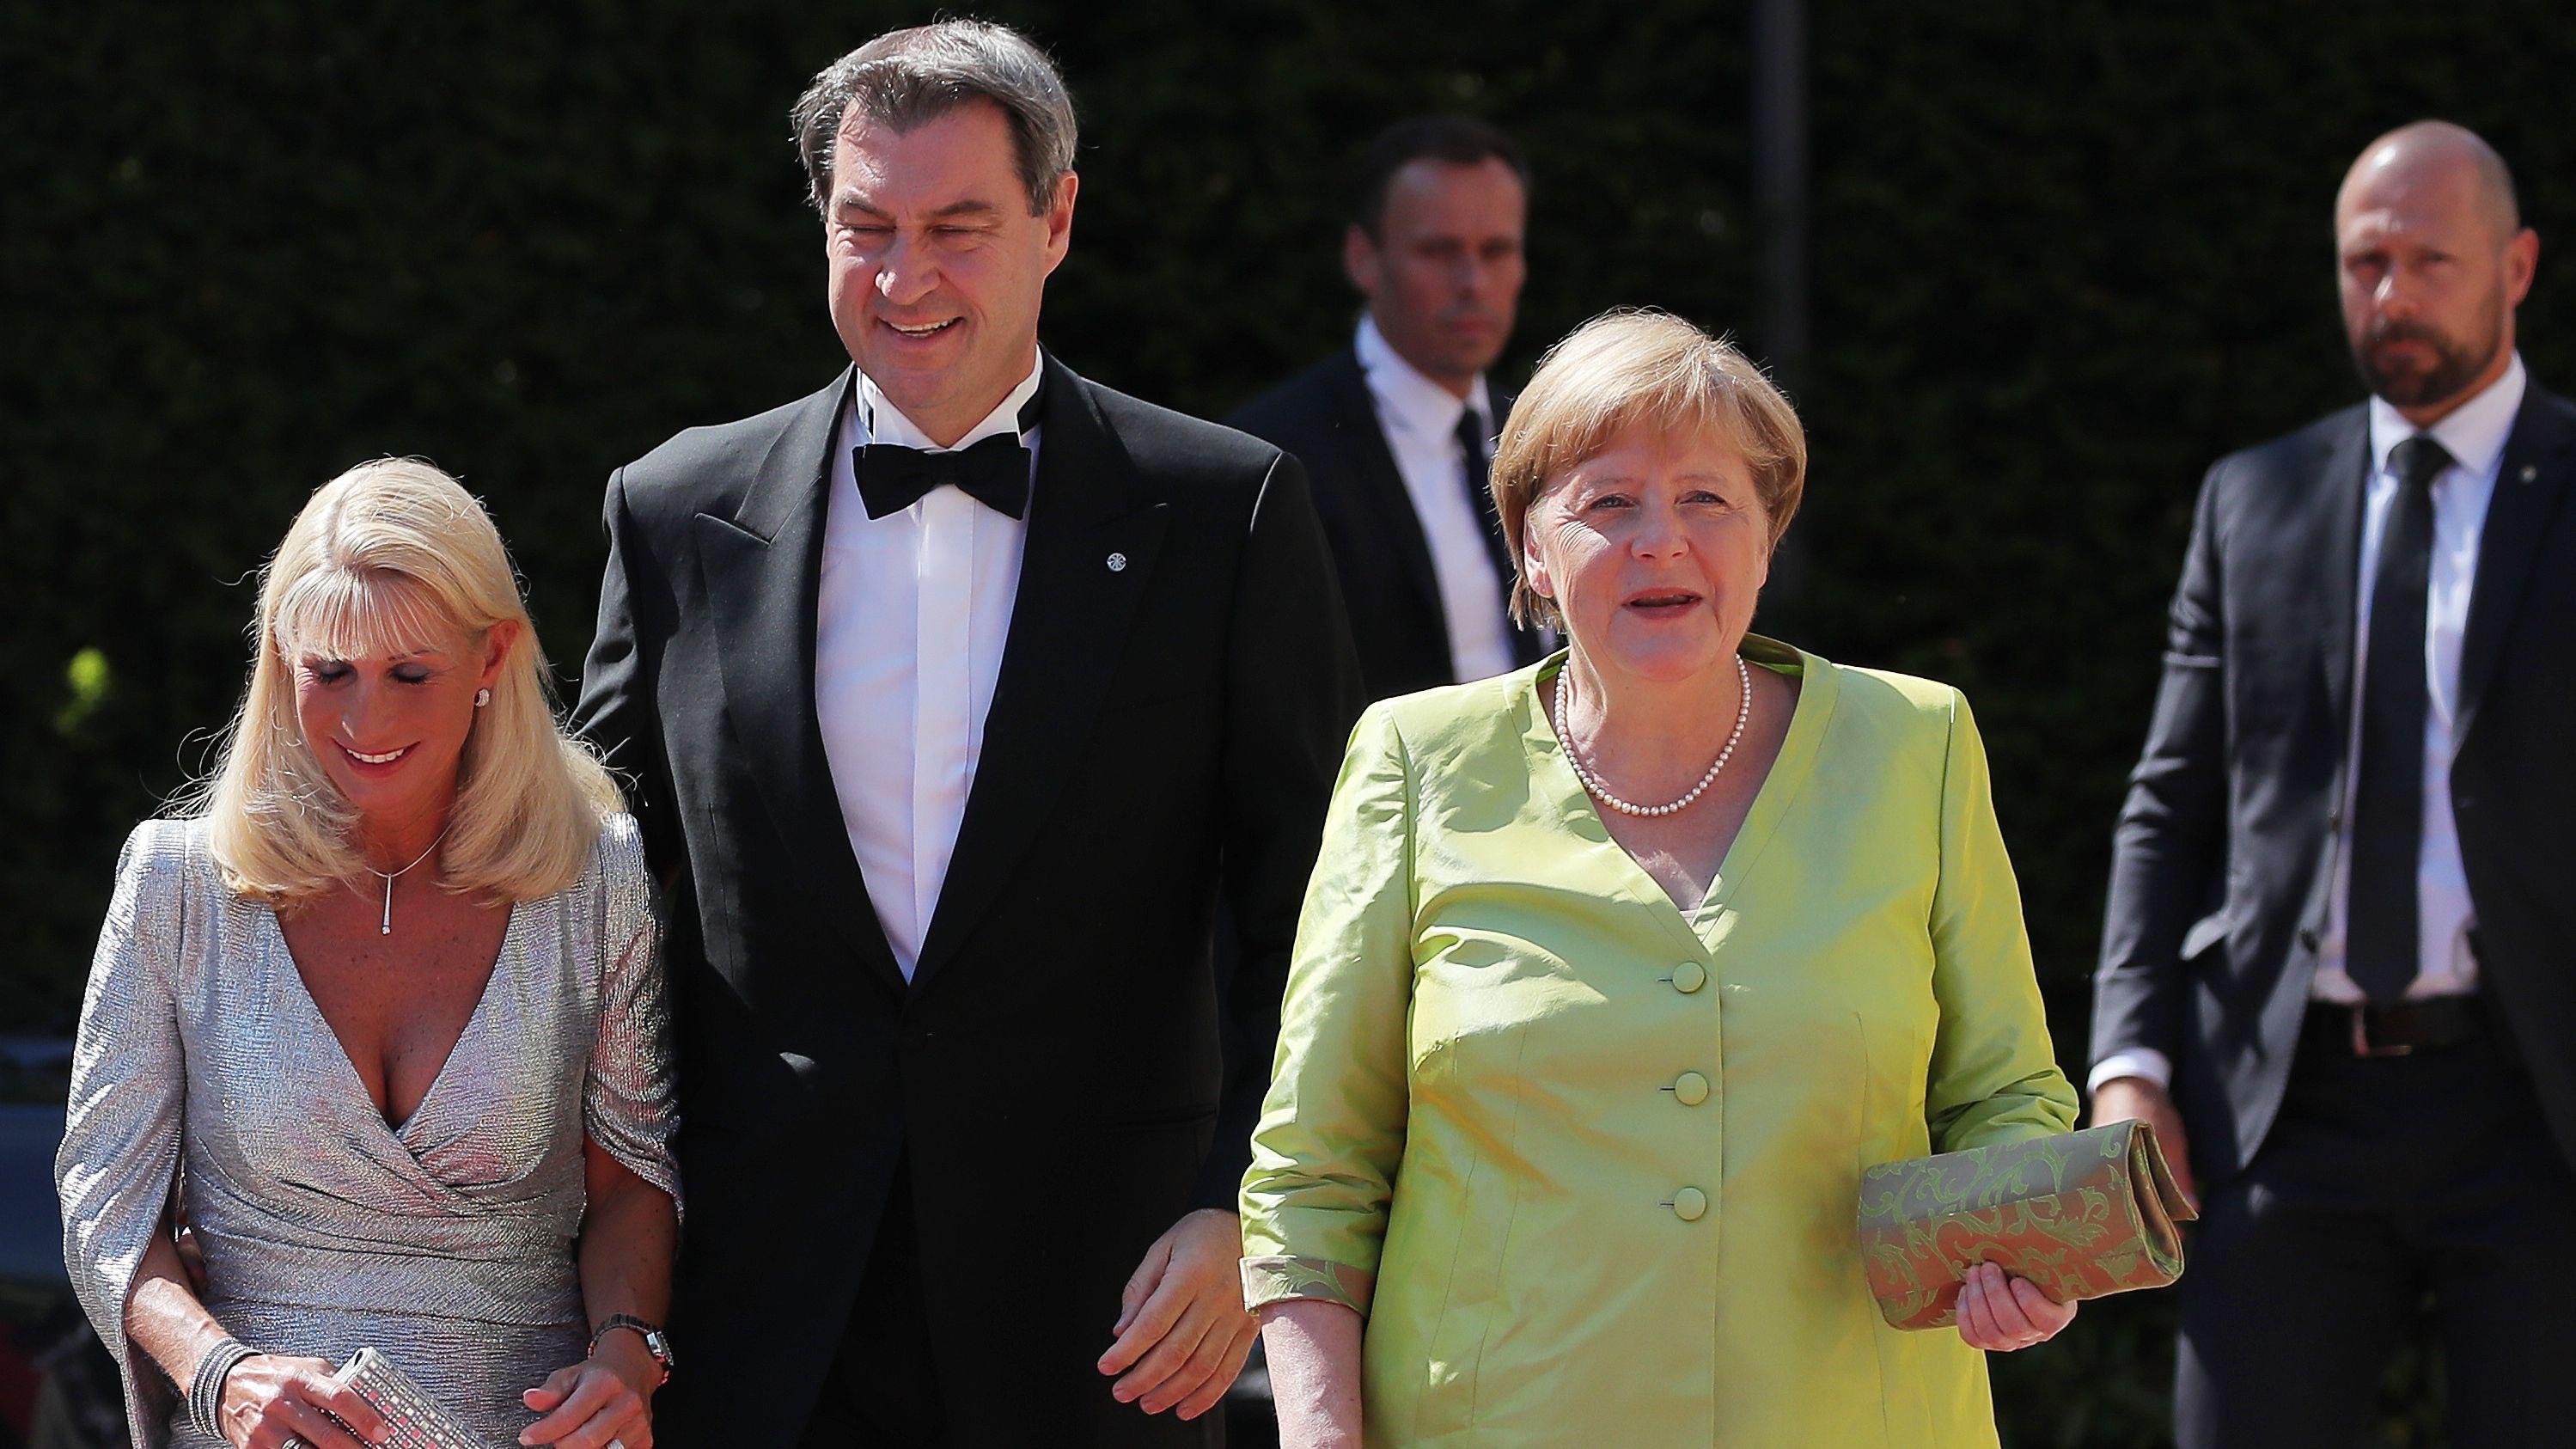 Bundeskanzlerin Angela Merkel, Bayerns Ministerpräsident Markus Söder und seine Ehefrau laufen über den roten Teppich vor dem Bayreuther Festspielhaus.